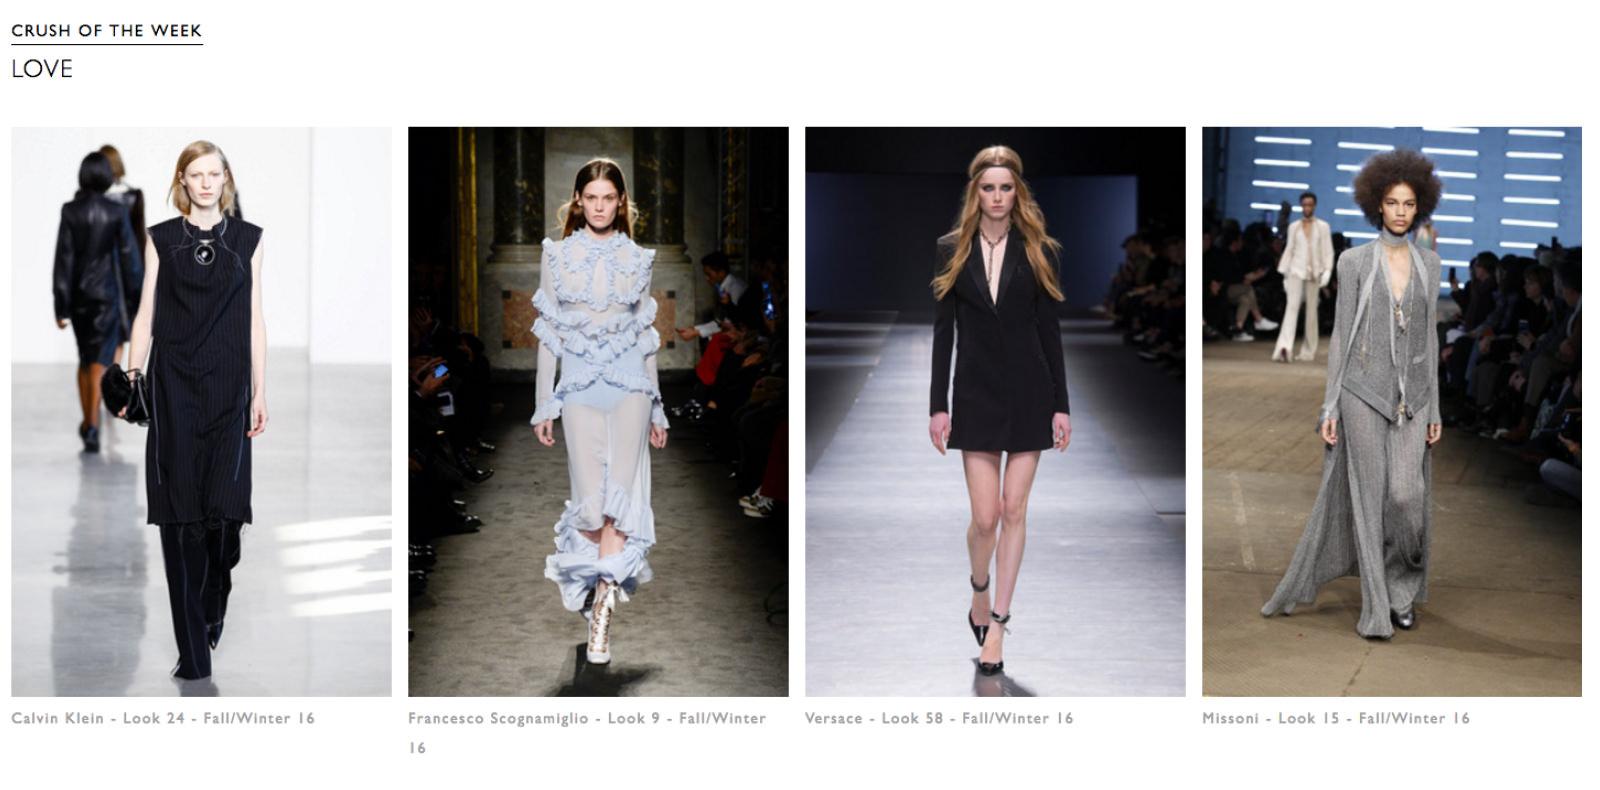 """Tout d'abord, comme l'explique Alexandra """"Par souci de temps et d'efficacité, j'avais tendance à regarderen priorité les grandes maisons comme Chanel, Dior ou Céline.Alors que sur Tagwalk, la recherche se faisant par mot-clés, les jeunes designers,comme Drome,bénéficient de la même visibilité que les autres."""" Et grâce aux rubriques""""Trends of the week"""", """"Colour of the week"""" et """"Crush of the week"""",ces labels moins connus ont autant de chance de se retrouver enfront page.  Après plusieurs années dans l'industrie en tant qu'assistante styliste, Alexandra a eu le temps de développer """"son œil"""". Les mots-clés choisis pour chaque look sont le fruit de sa réflexion et comme elle le souligne : """"le but n'est pas de reprendre les communiqués de presse des marques mais bien d'offrir une vision globale sur le vêtements ou bien l'accessoire."""" Par ailleurs, elle poursuit : """"sur la saison automne-hiver 2016/2017, c'est intéressant de voir que sur toutes les collections, il y a une dizaine de mots-clés, donc tout autant de trends qui ressortent parmi lesquellesle militaire, le velours, ou les looks baby dolls.""""Tagwalk deviendrait alors une sorte d'outils d'analyse de tendances grâce à l'occurrence des mots clés utilisés par saison."""